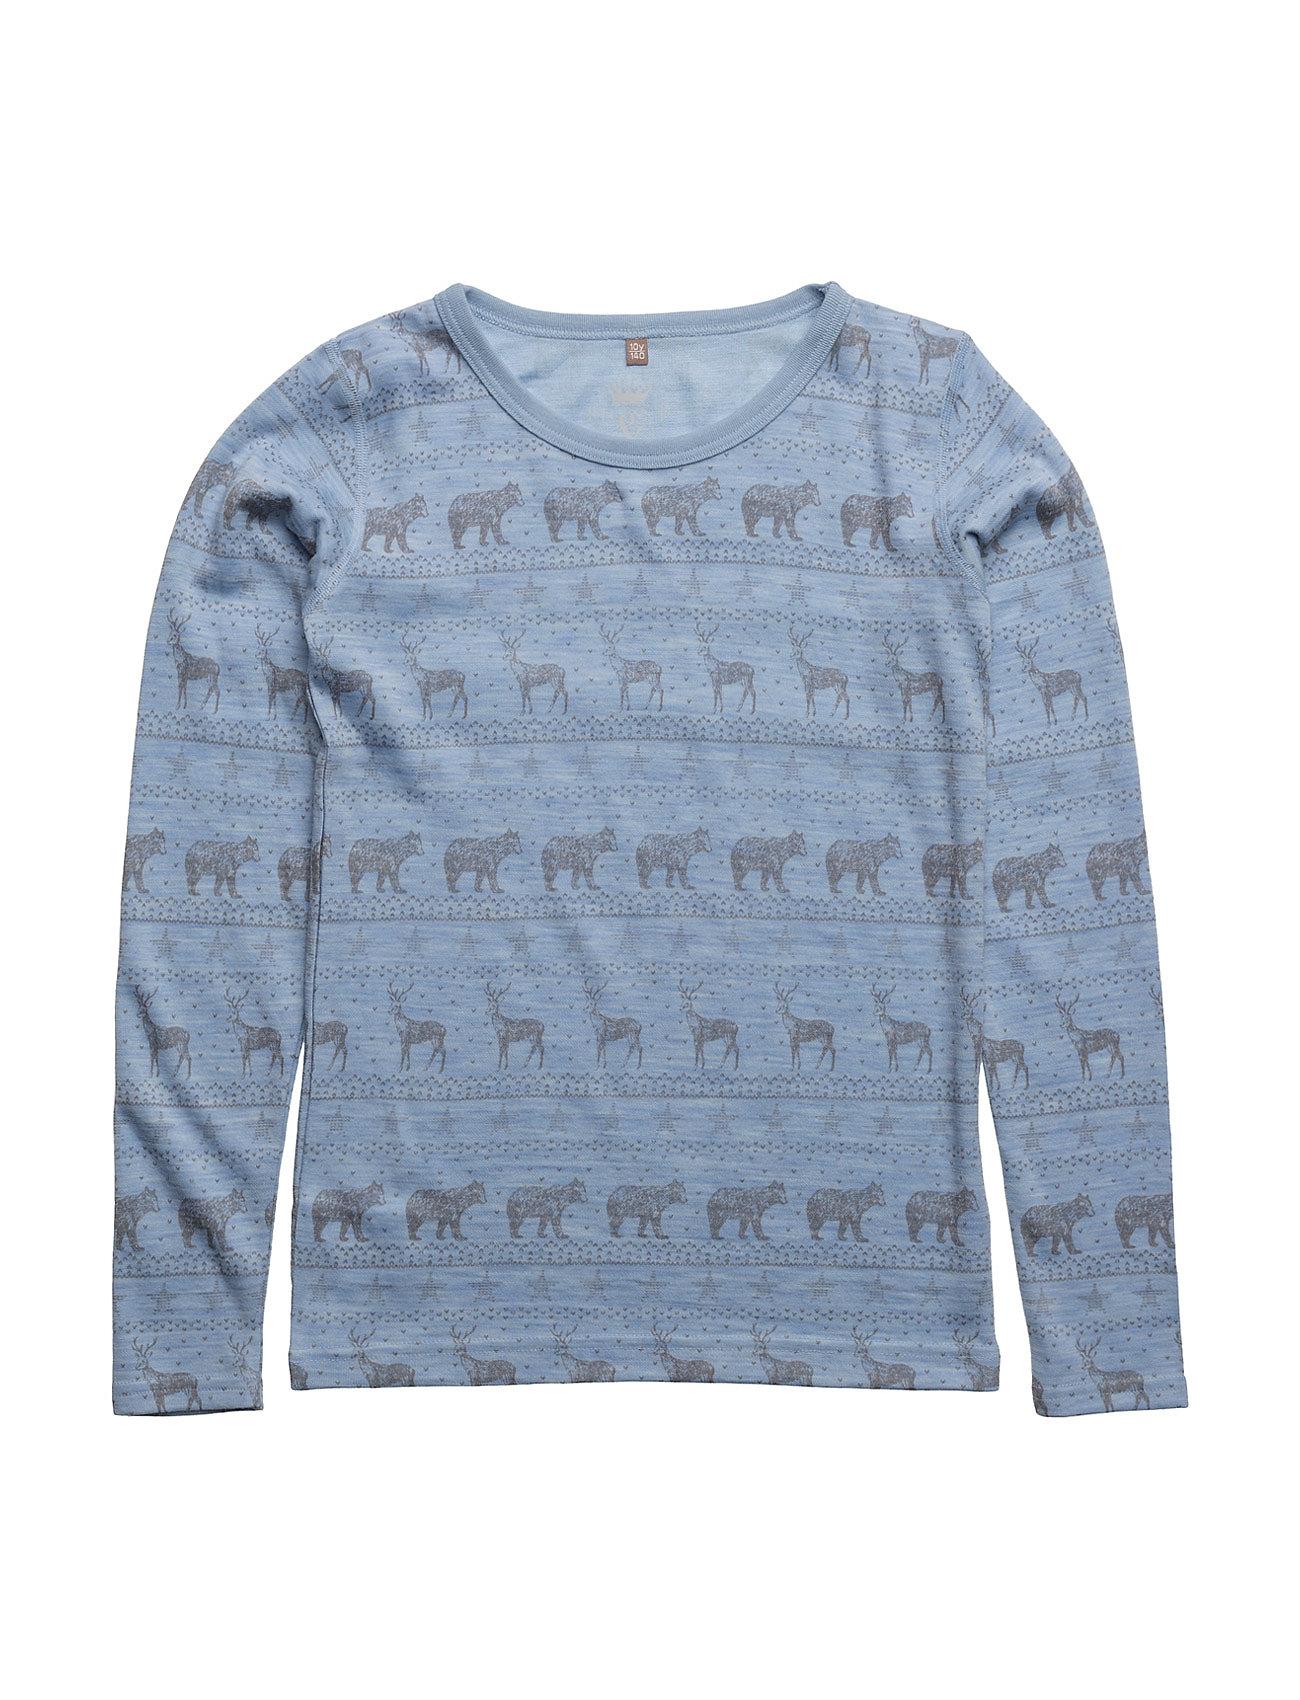 Nightwear Hust & Claire Langærmede t-shirts til Børn i